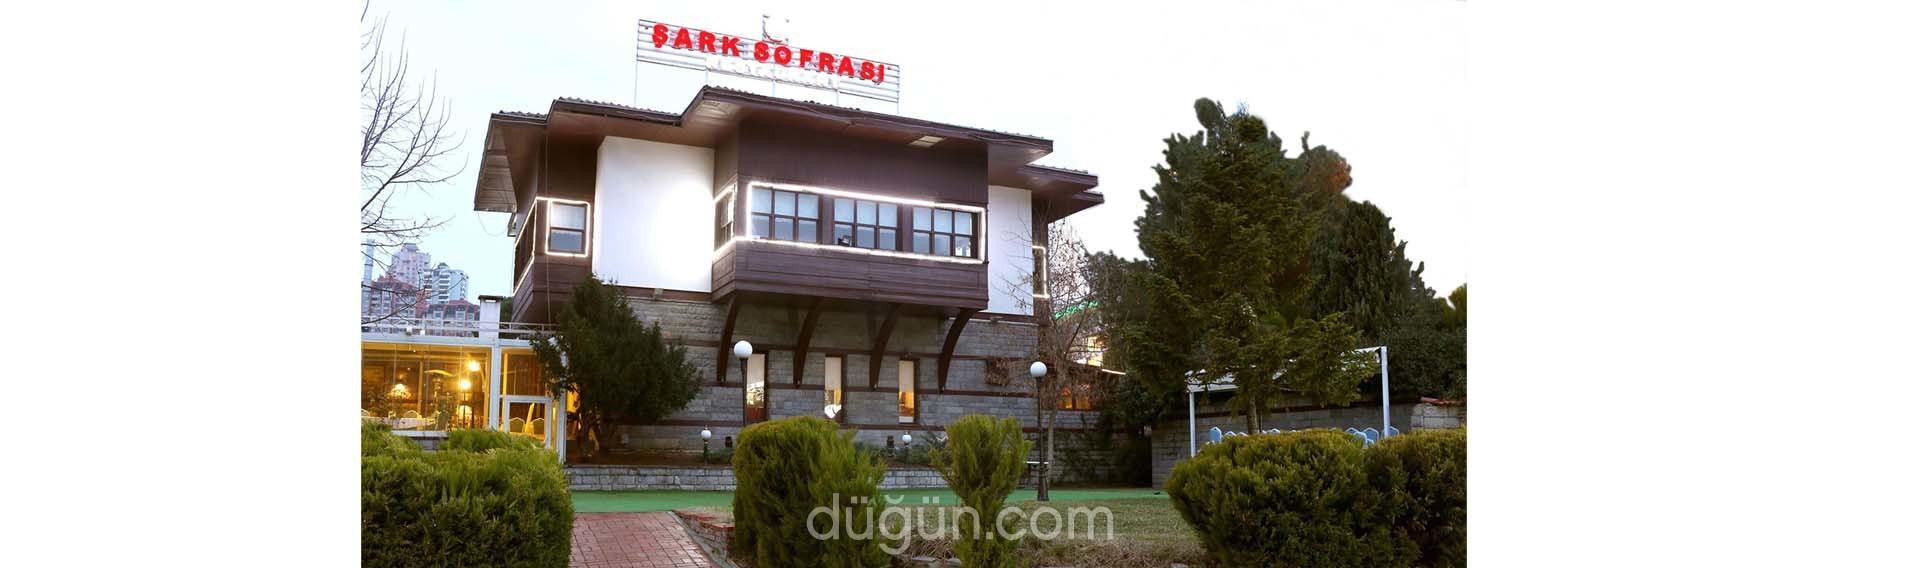 Şark Restoran